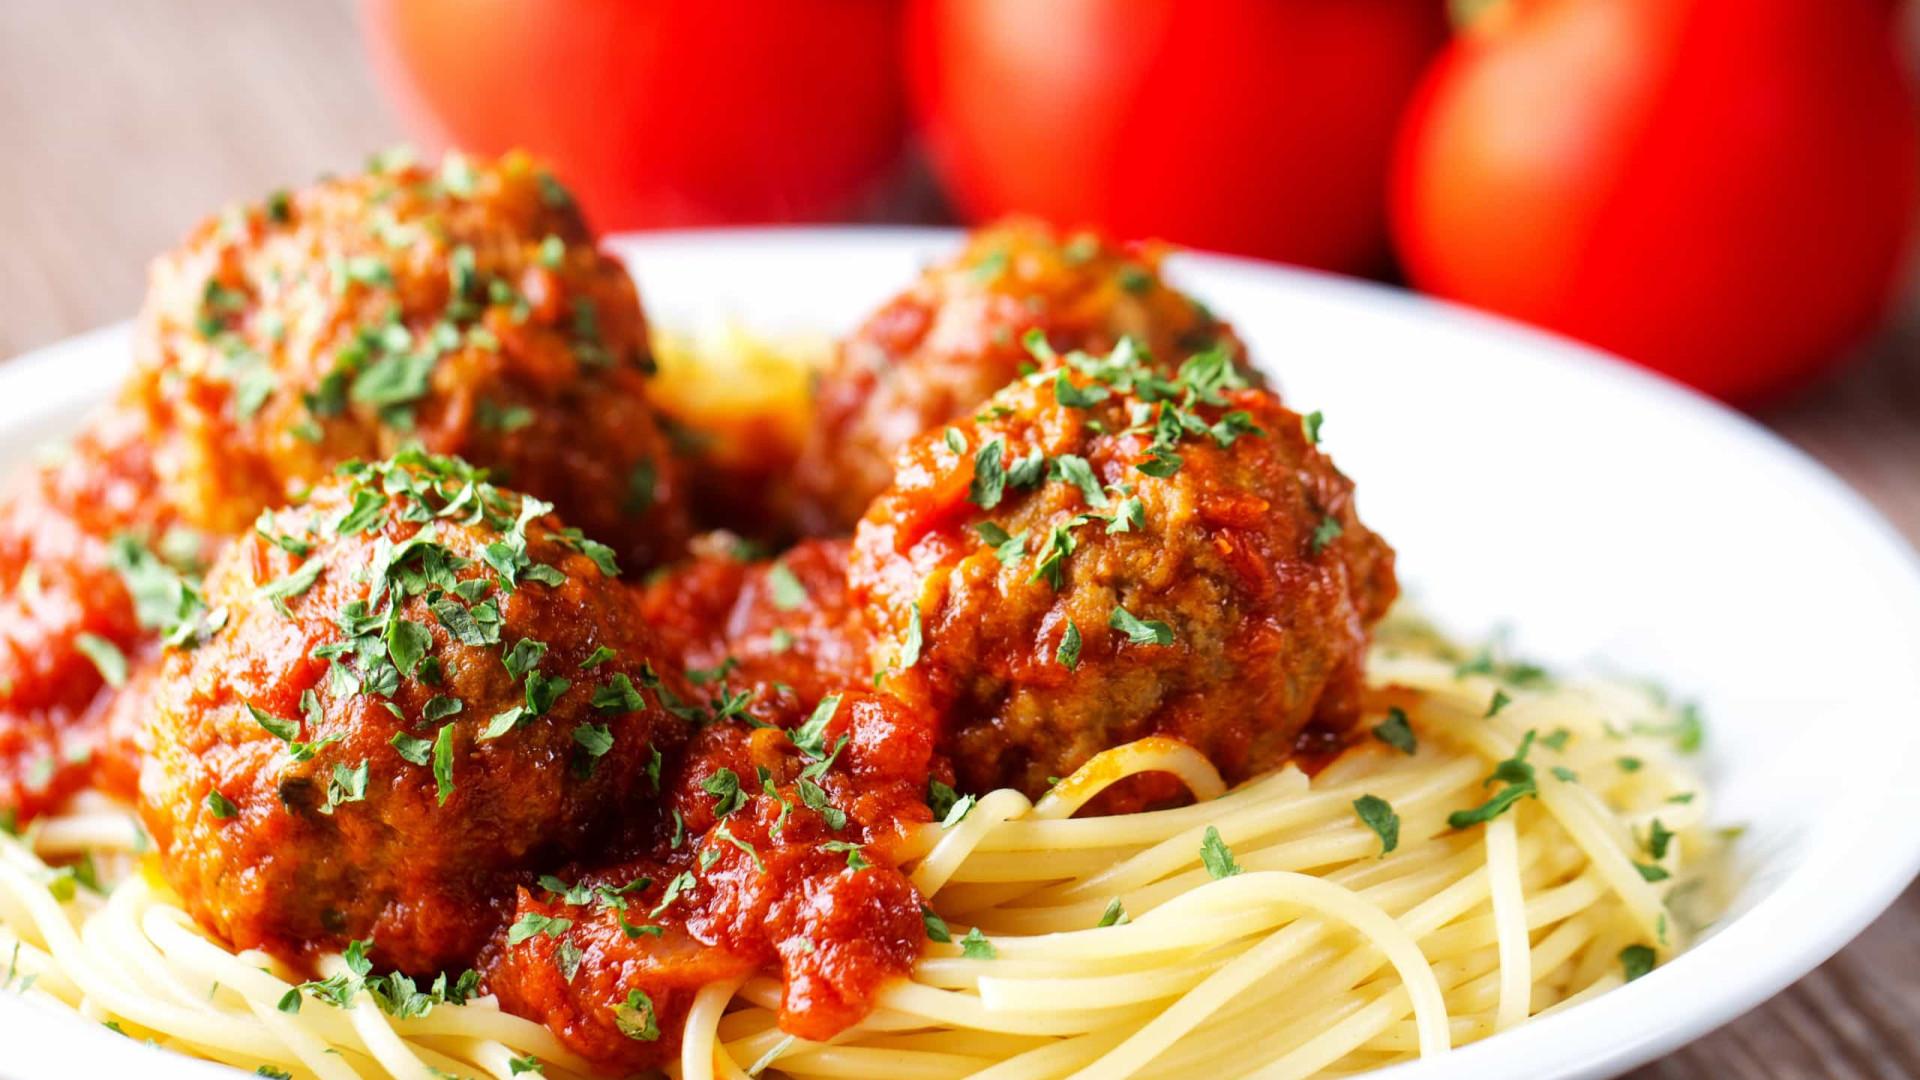 Misturar almôndegas com molho de tomate? Péssima ideia, diz estudo